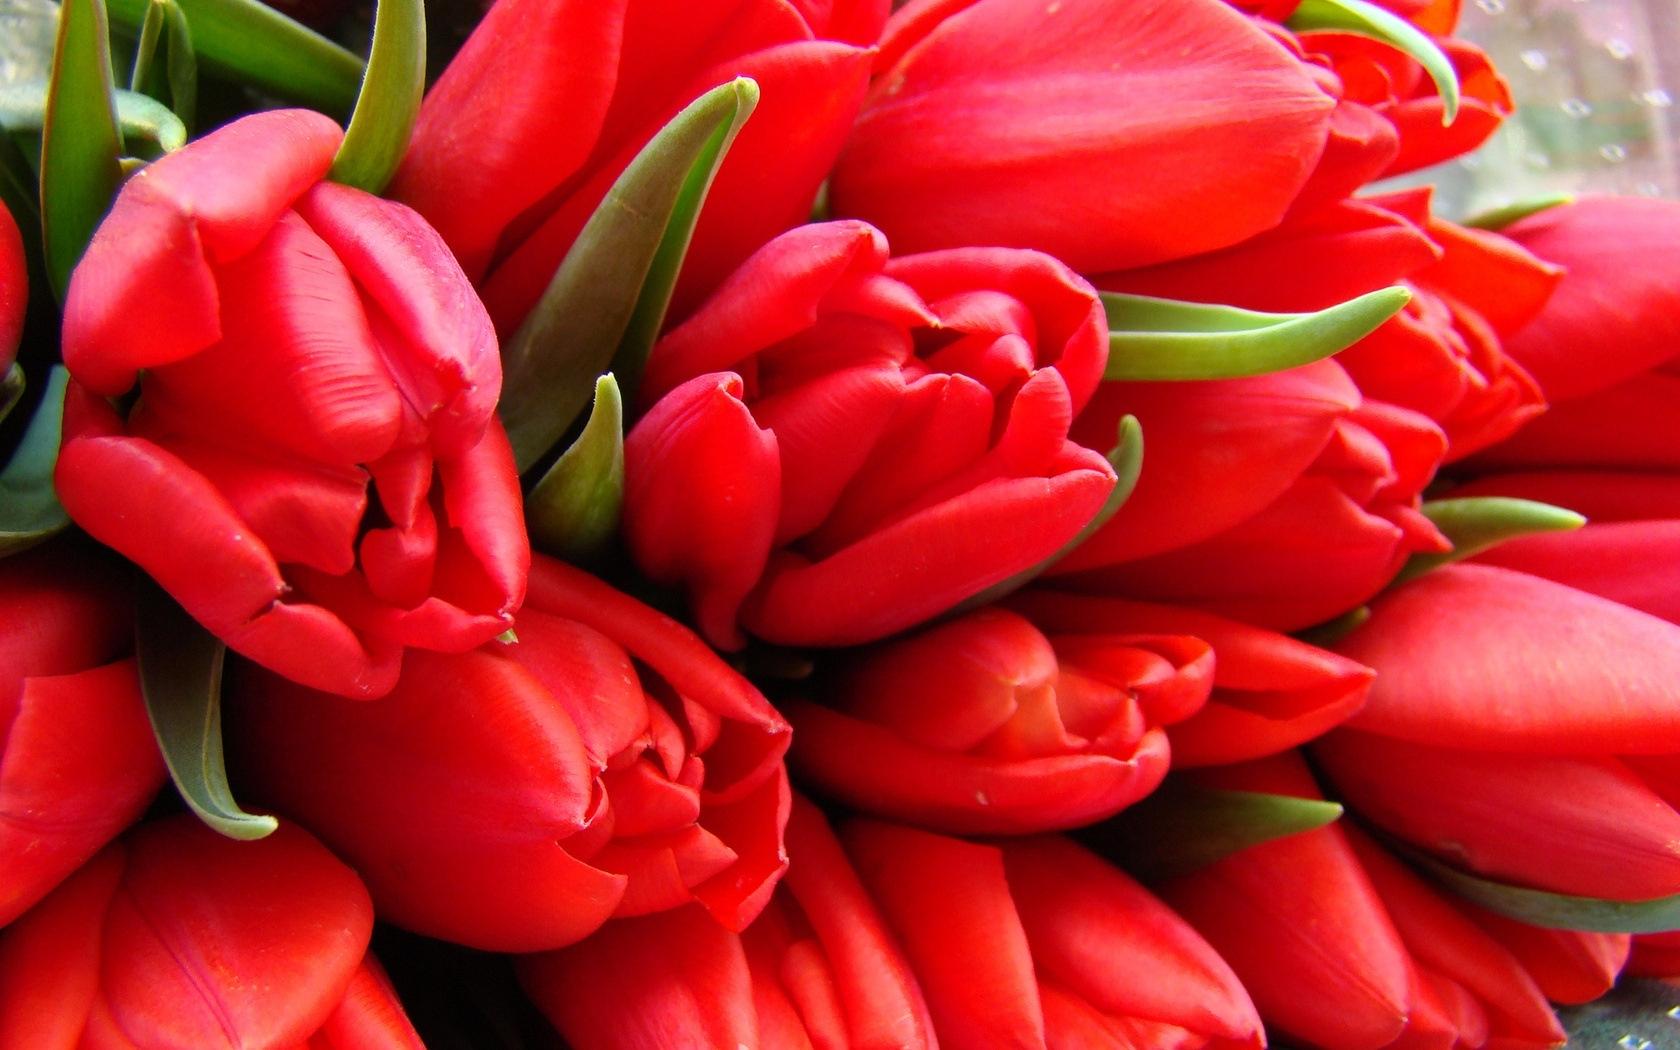 45747 скачать обои Рисунки, Цветы, Тюльпаны - заставки и картинки бесплатно